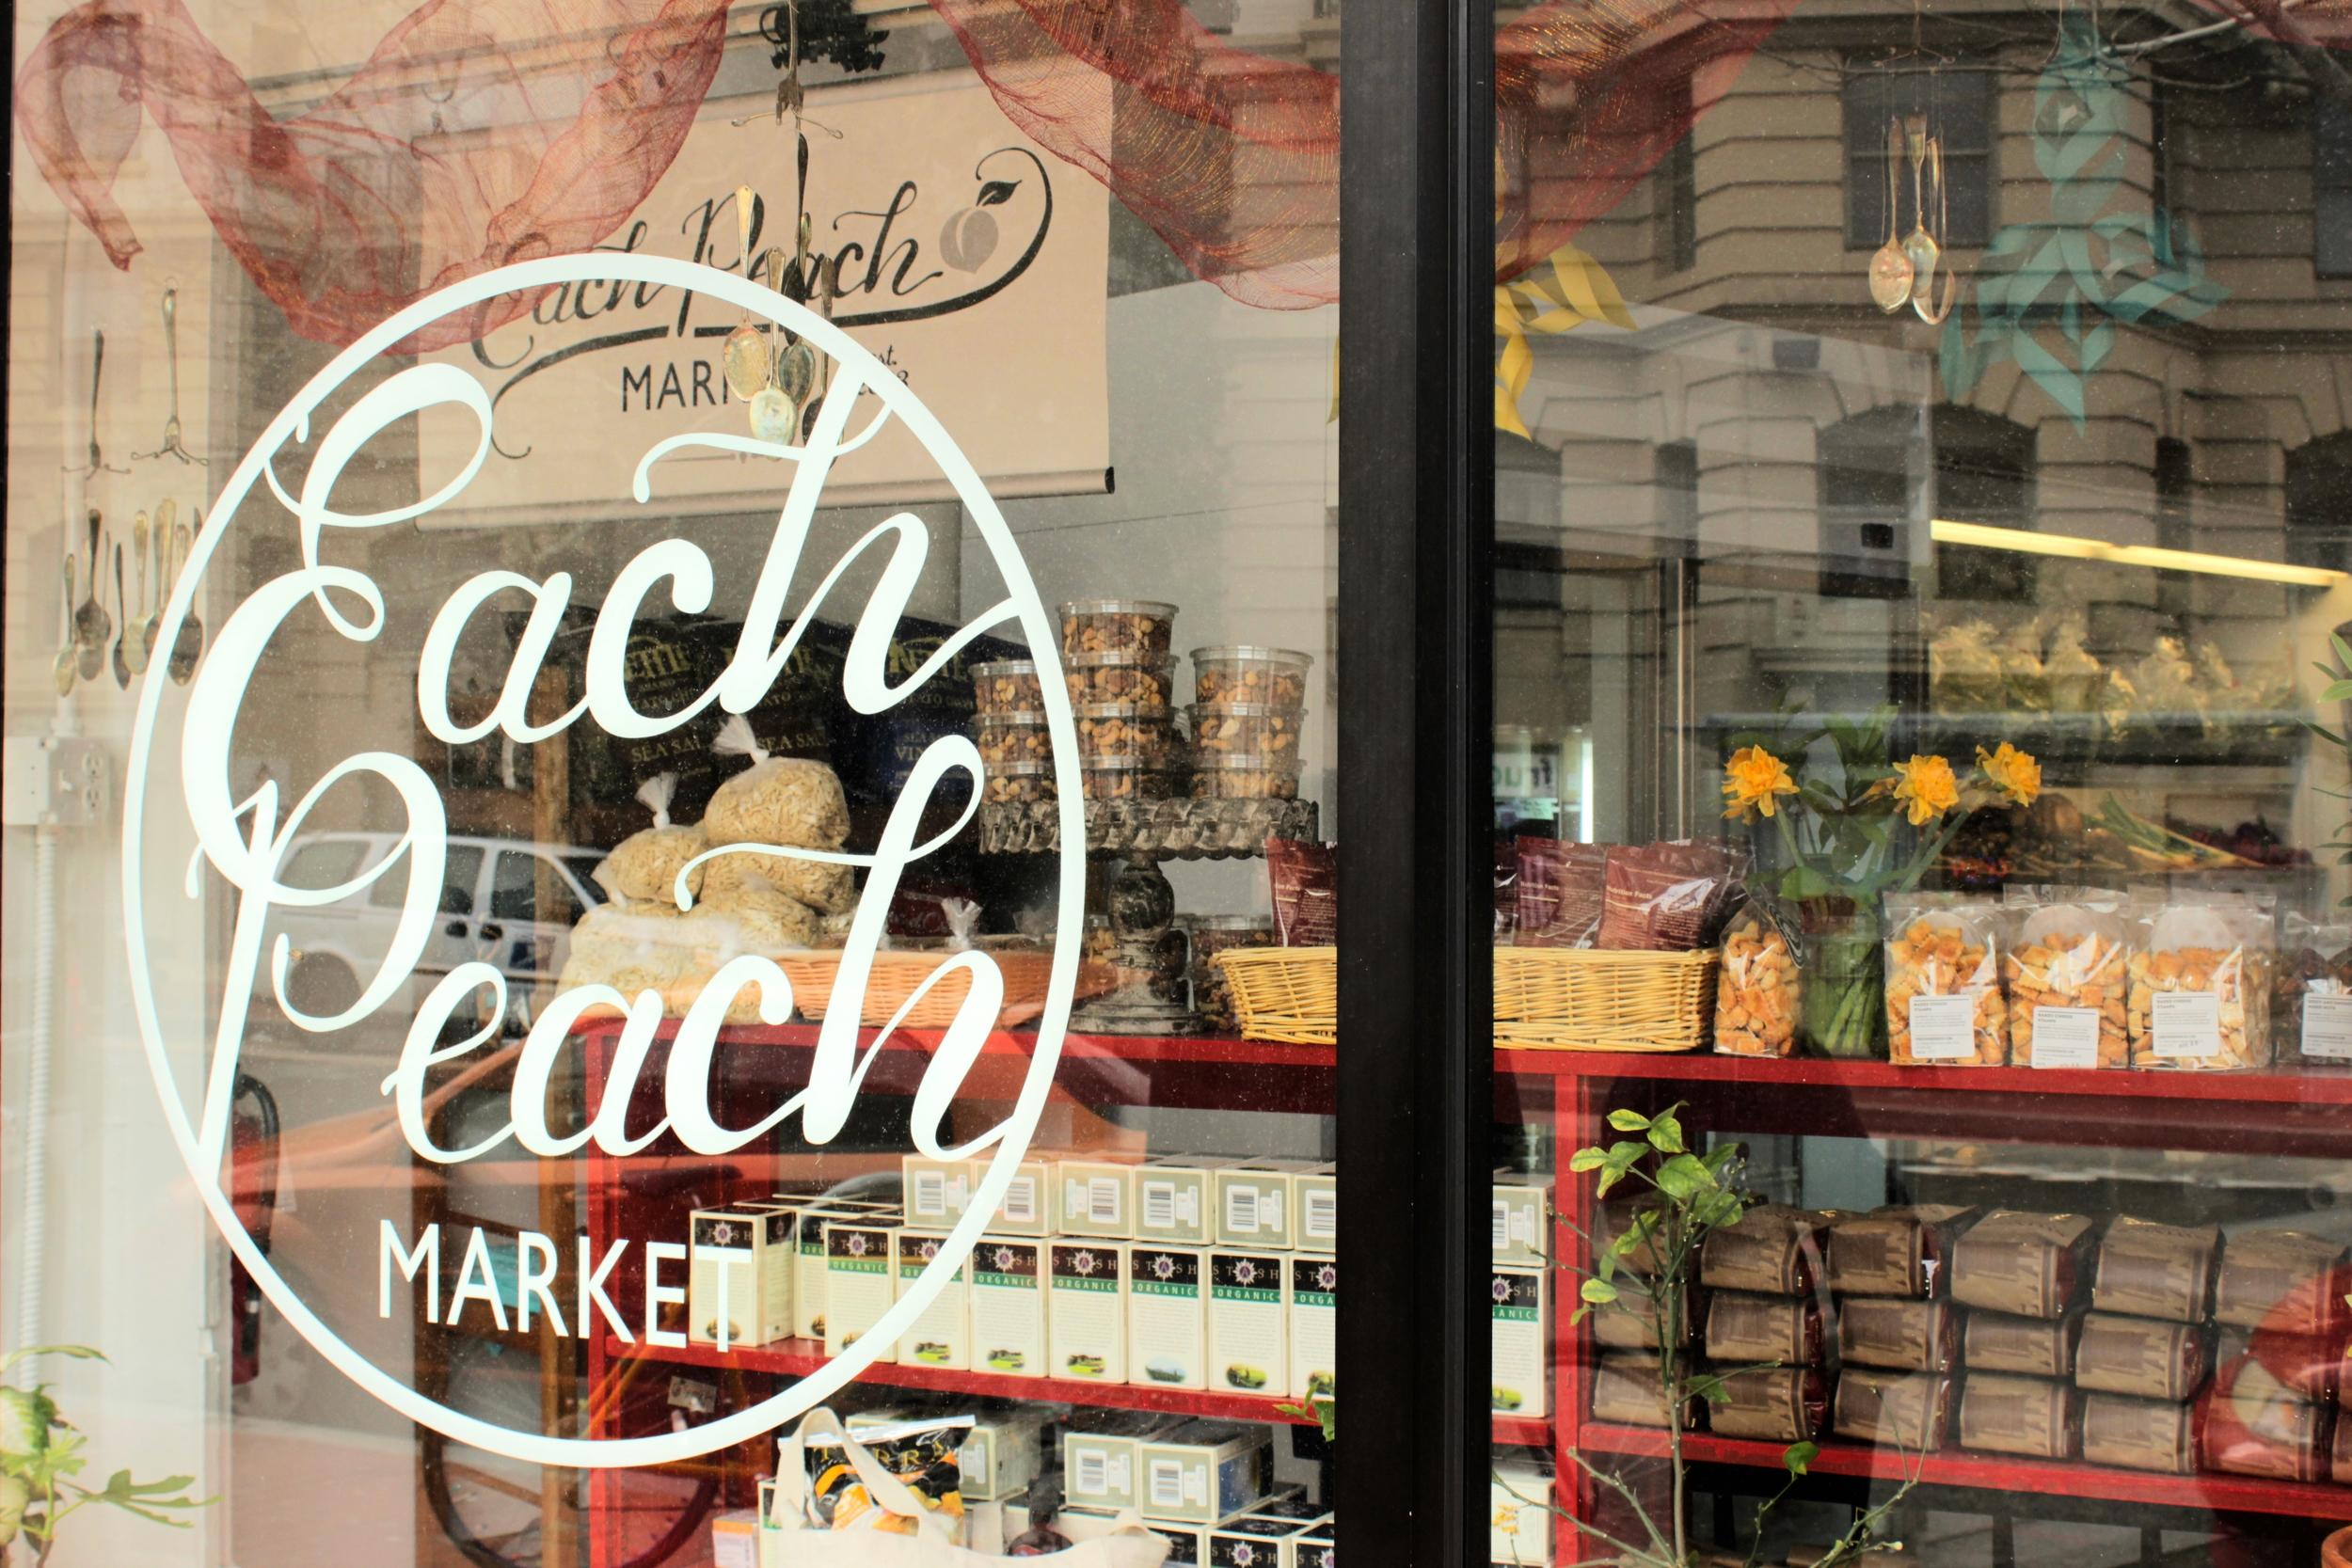 Each Peach Market